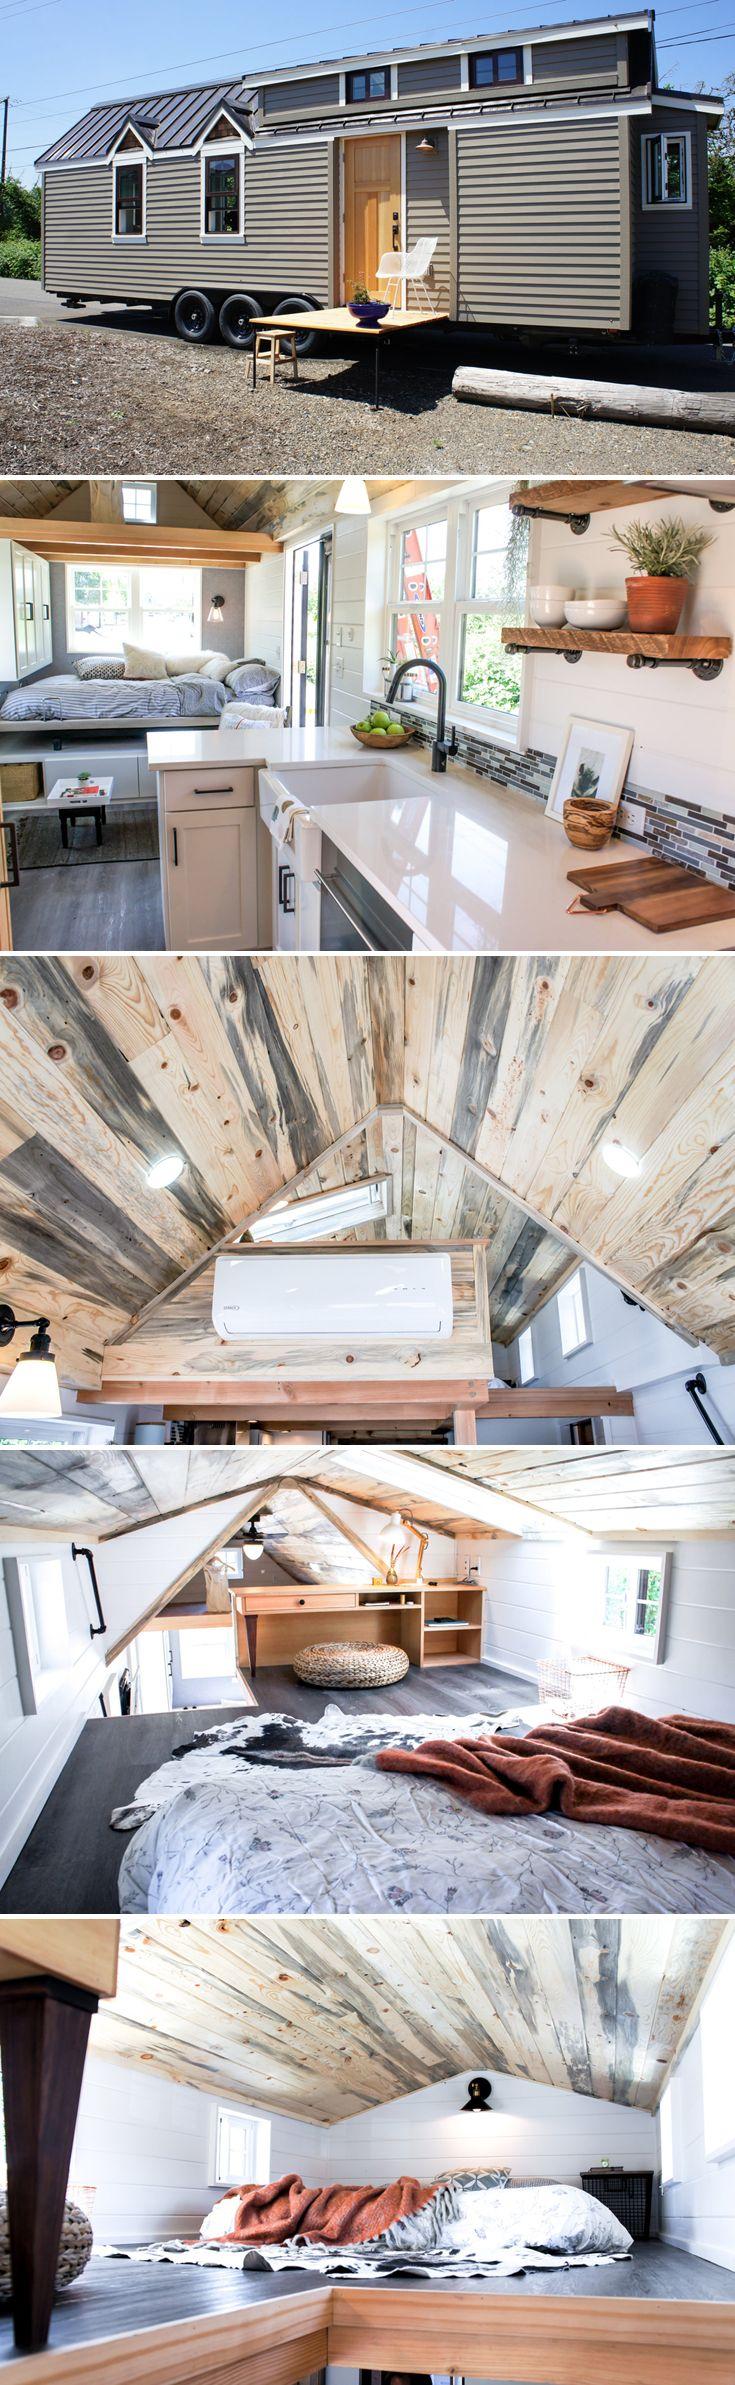 Pocket door hardware folding concepta 25 hawa 183 better building - Kootenay Country By Truform Tiny